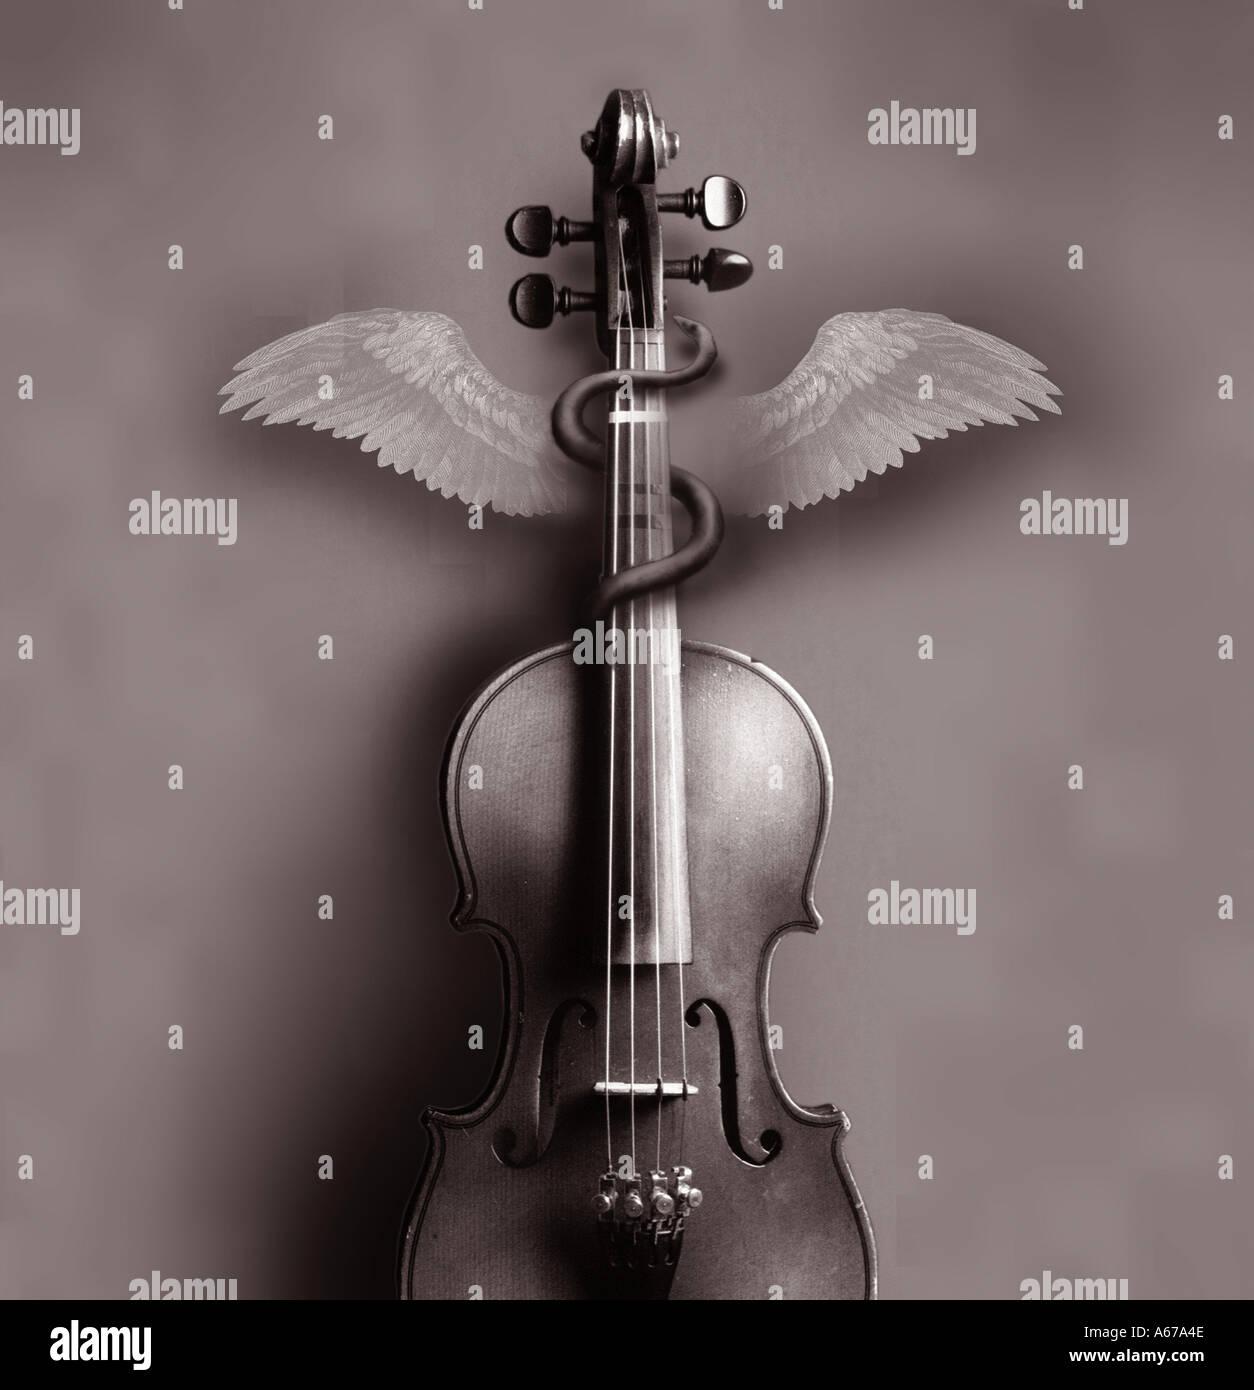 La musique d'illustration et medicine concept violon et symbole médical Photo Stock